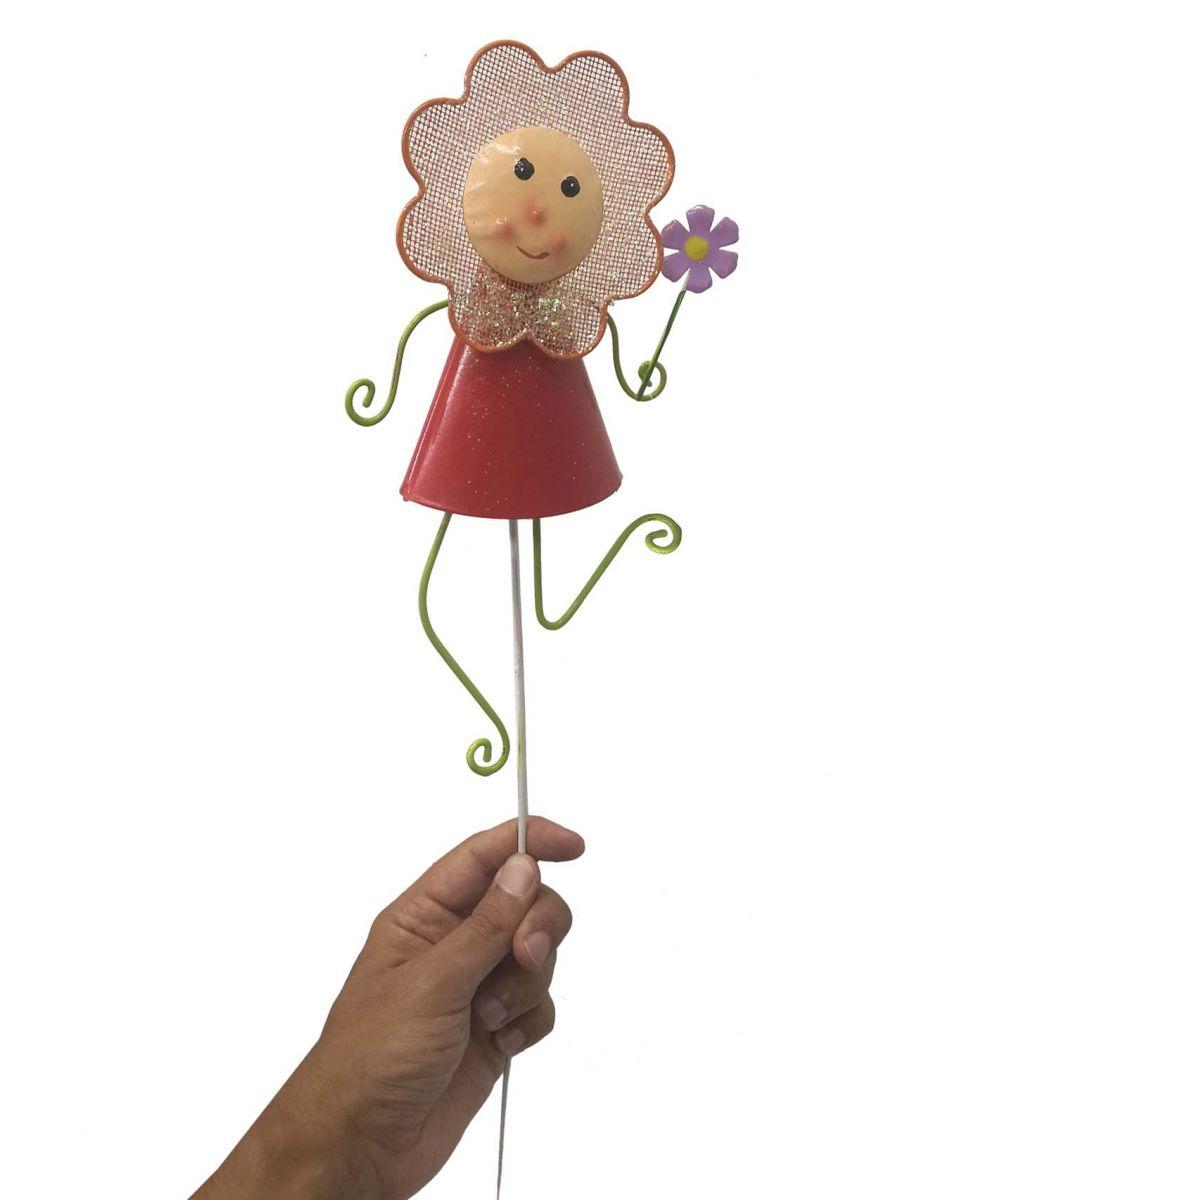 Boneca De Ferro Flor Com Haste Enfeite Decora Jardim Cor Vermelha (JARD-77)